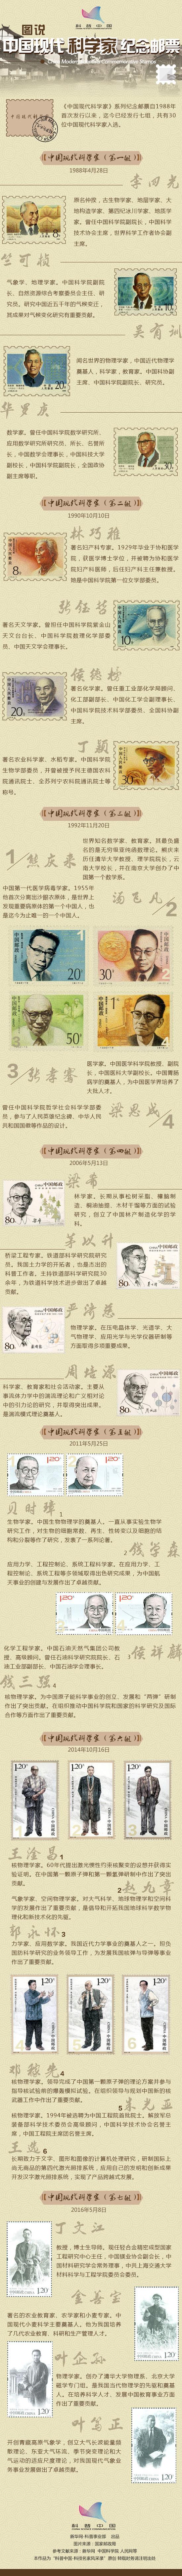 详解中国现代科学家纪念开元棋牌游戏权威排行